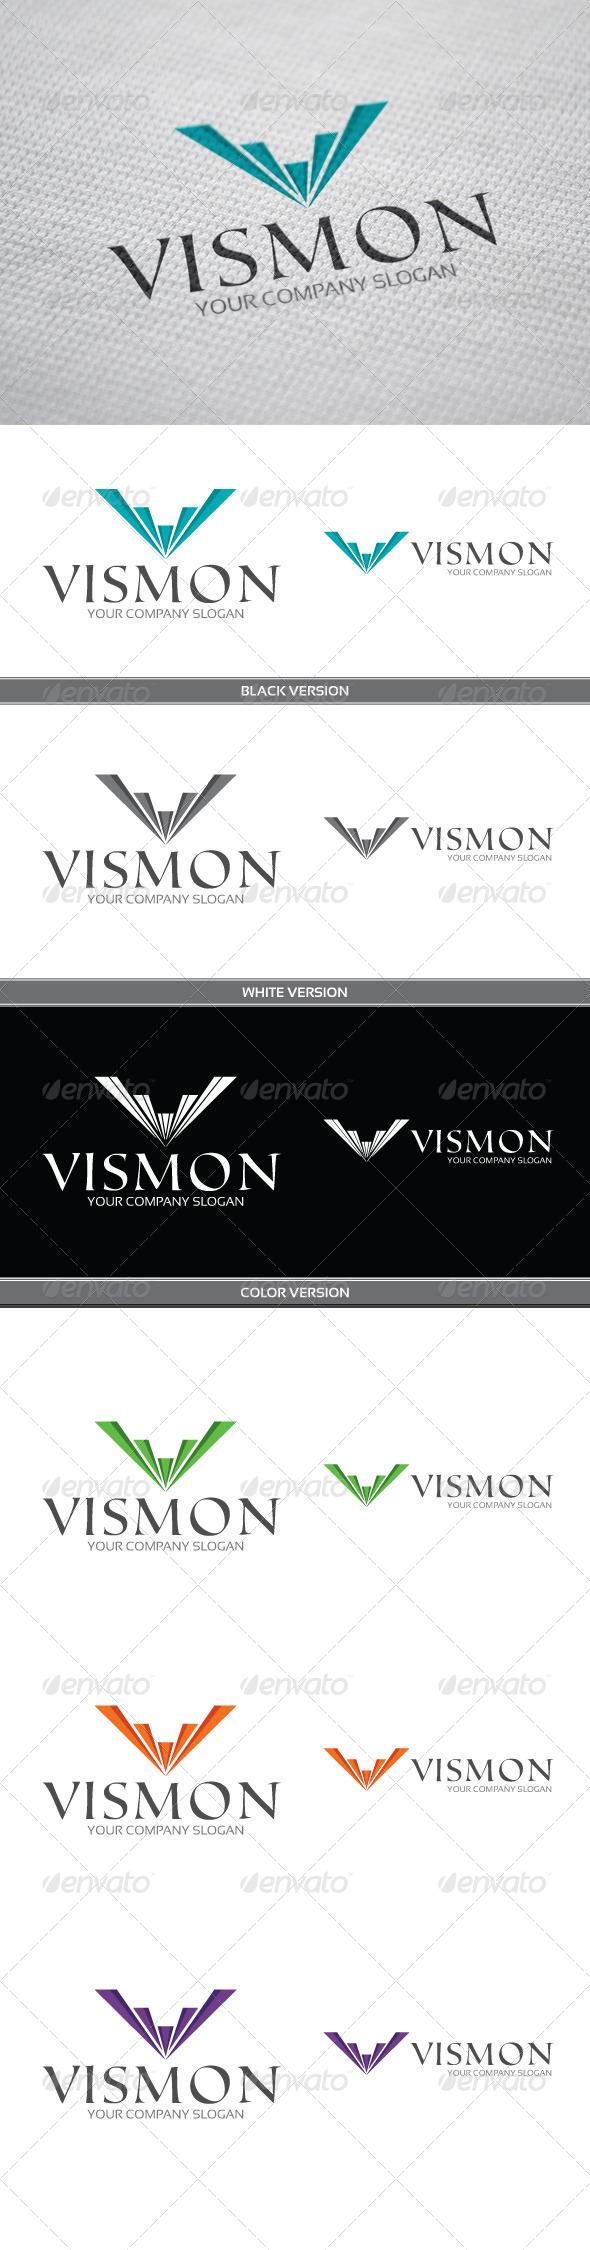 GraphicRiver Vismon 4257146